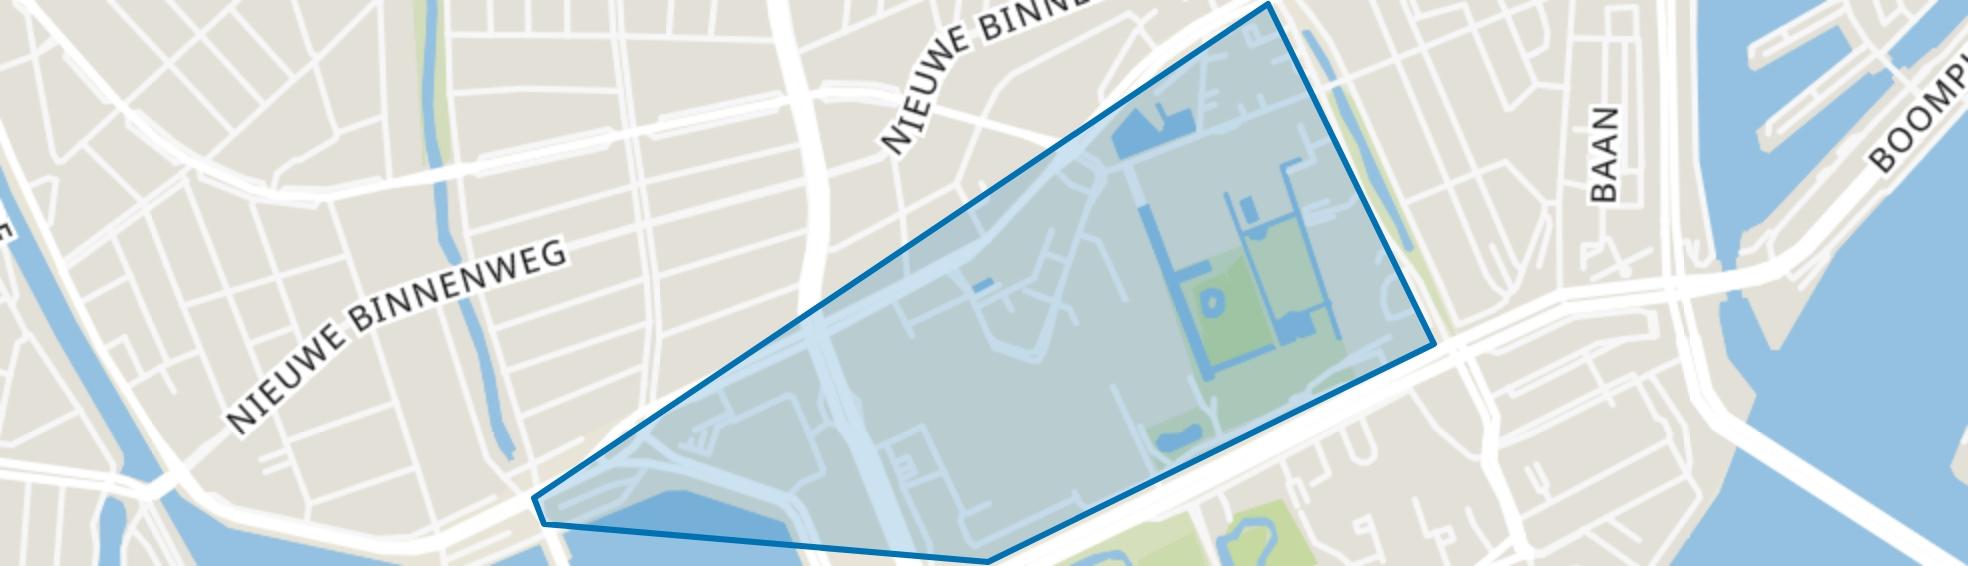 Dijkzigt, Rotterdam map